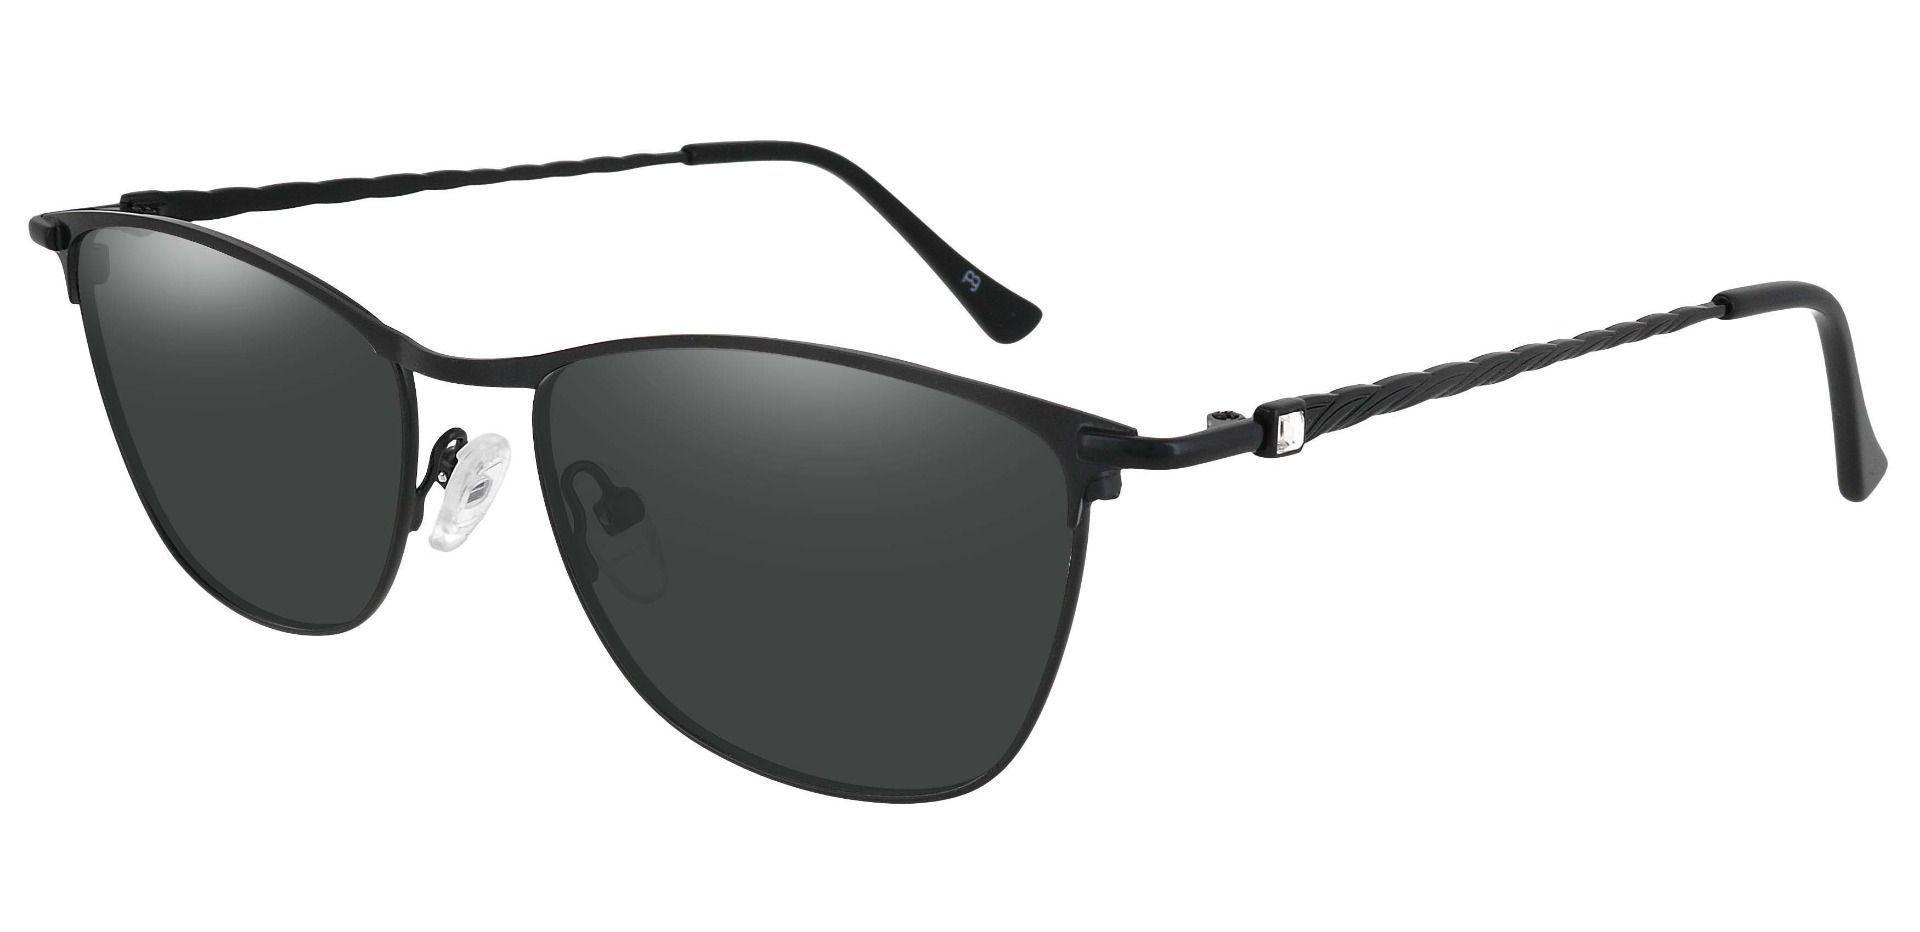 Andrea Cat Eye Progressive Sunglasses - Black Frame With Gray Lenses